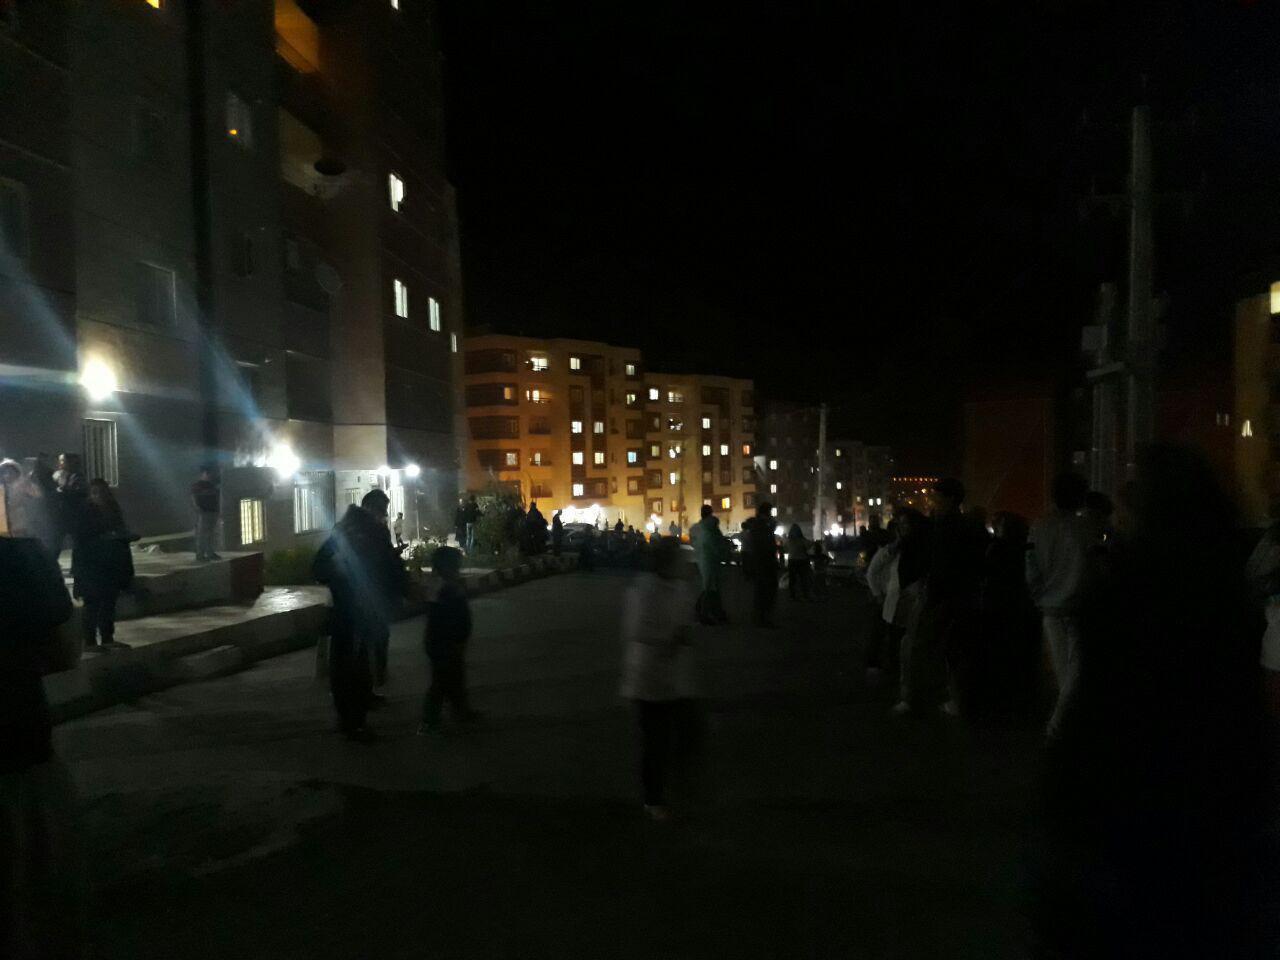 2107307 زلزله شمال عراق 20 آبان 96 + جزئیات و تصاویر و تعداد کشته های حادثه